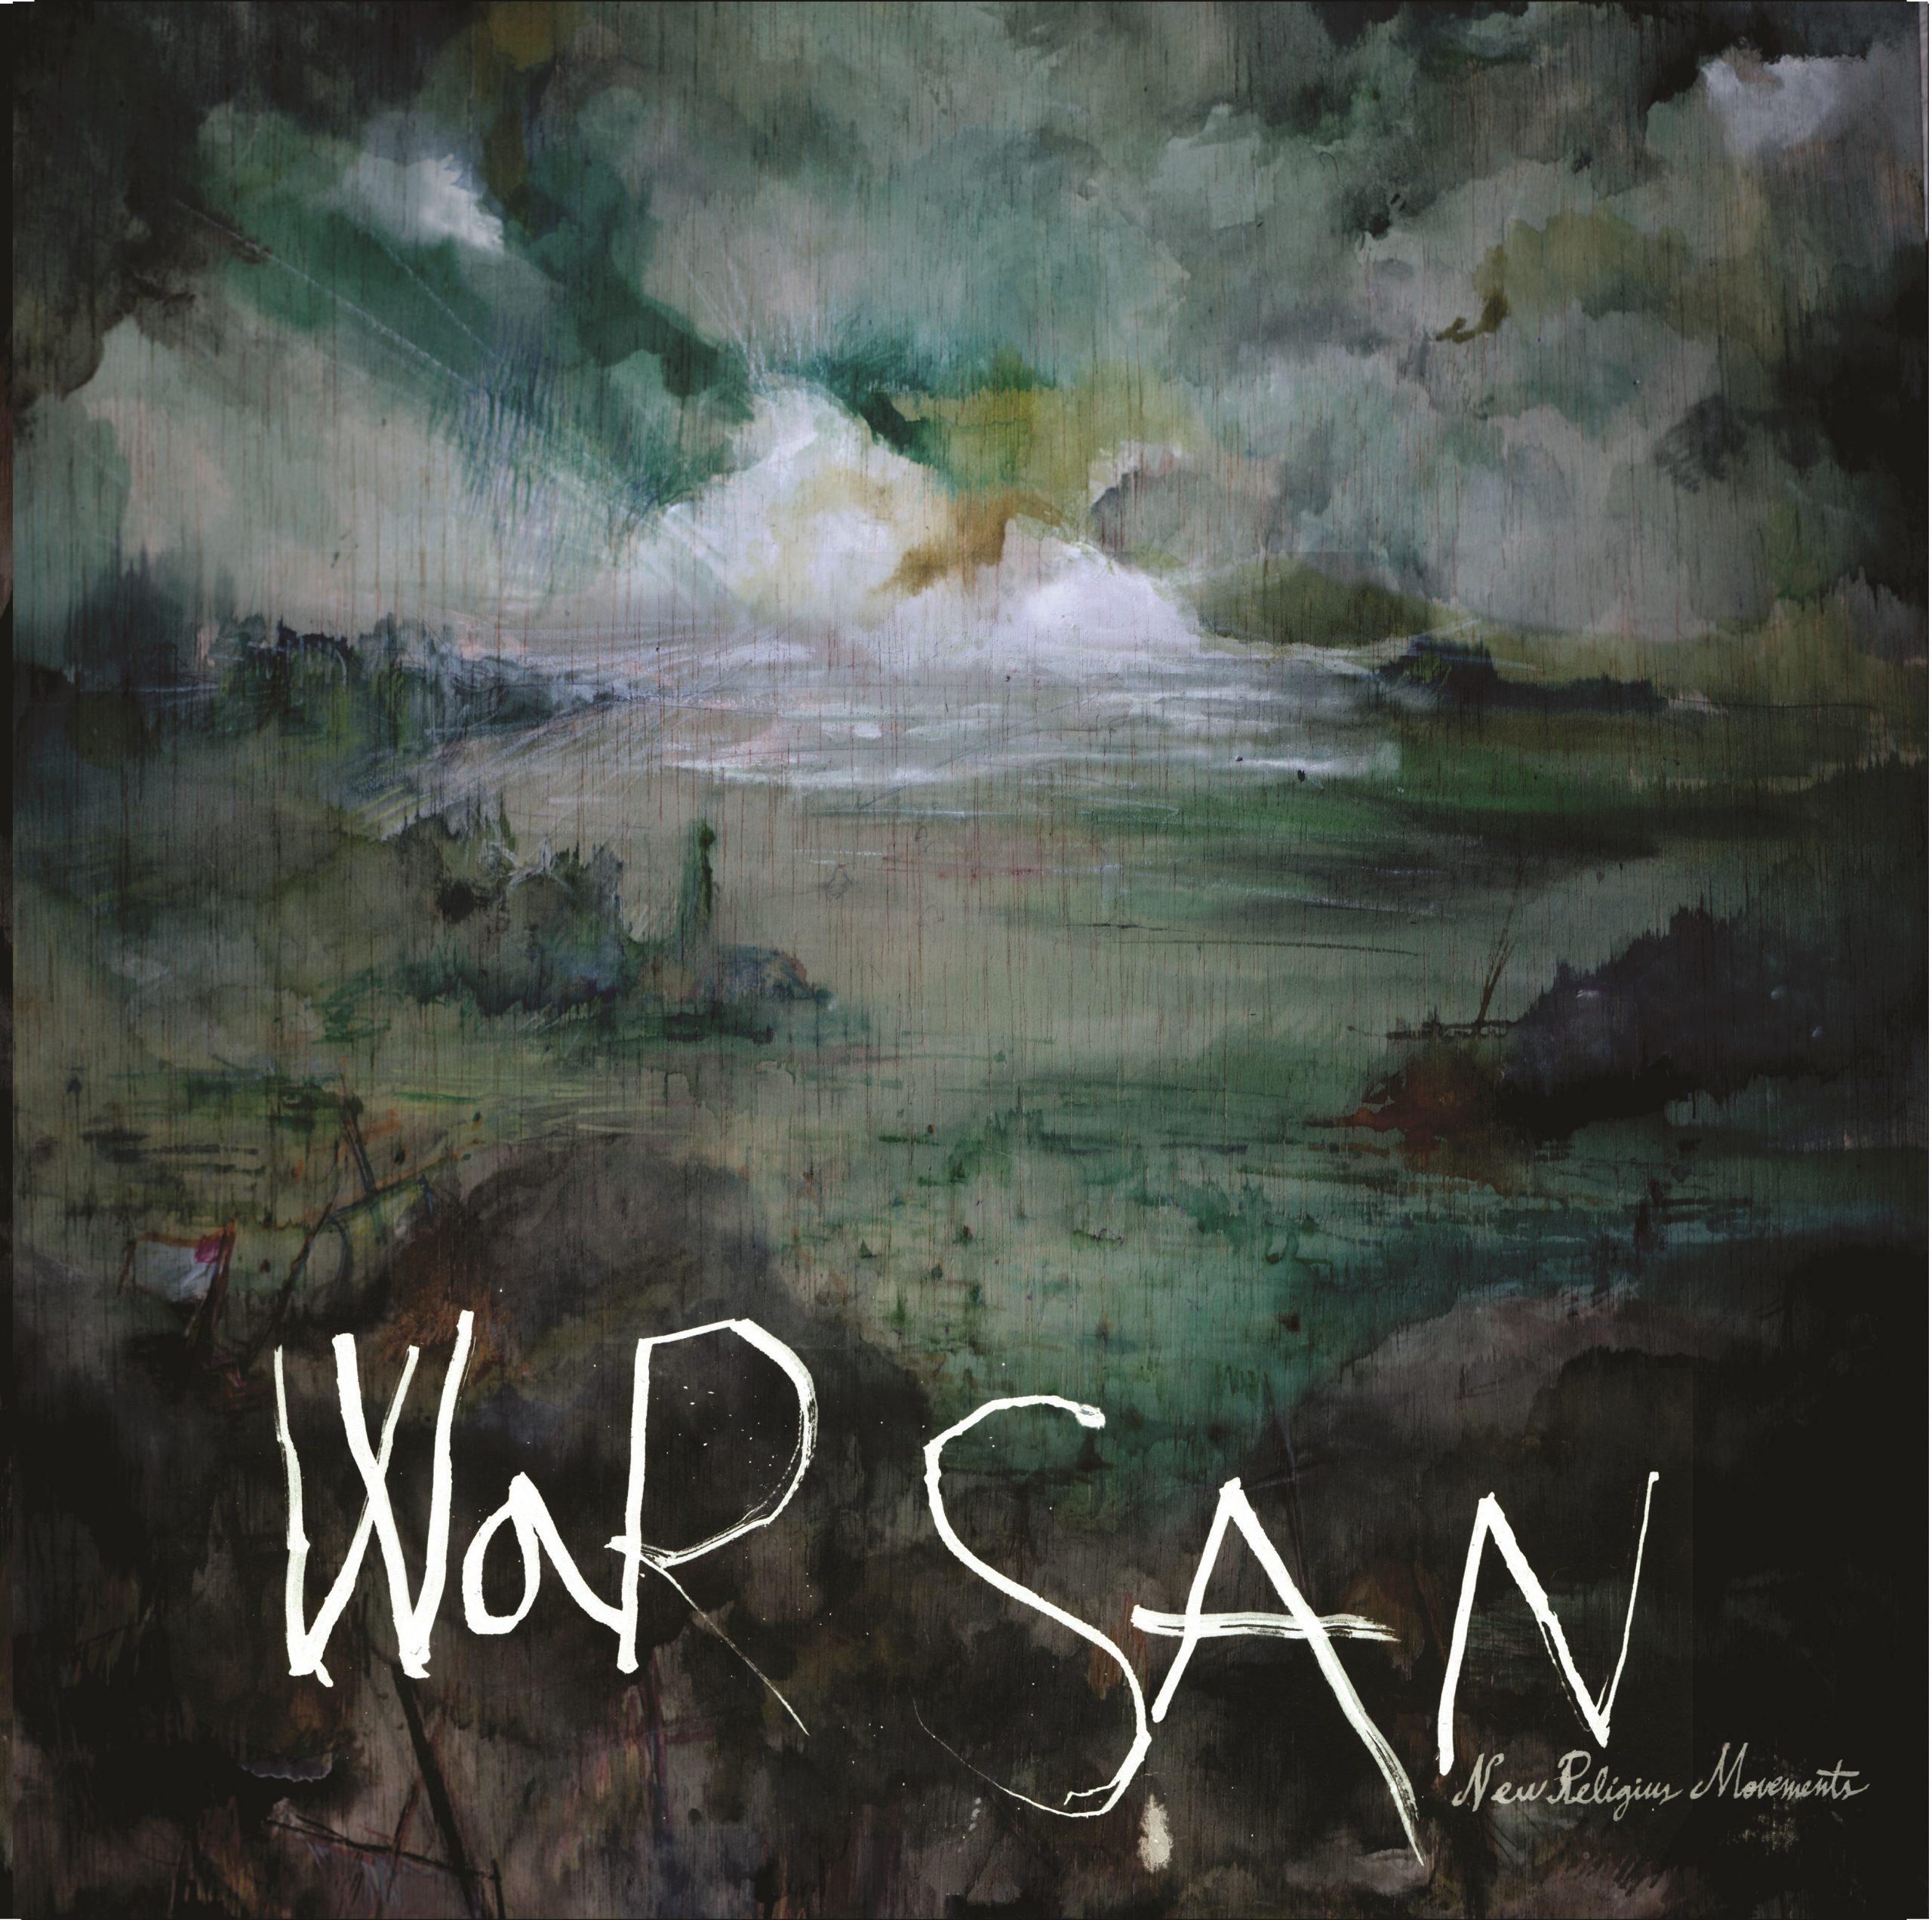 War San (Portada)